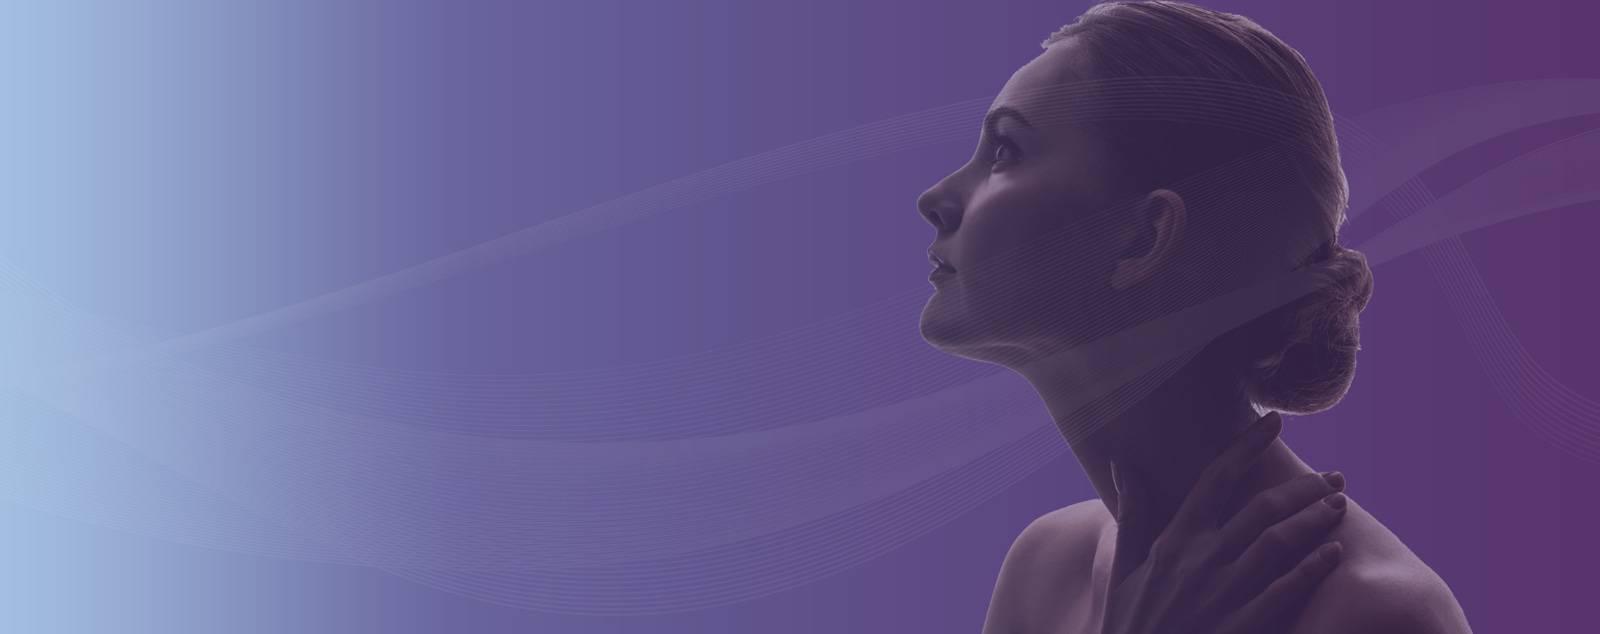 Women's Hormone Network